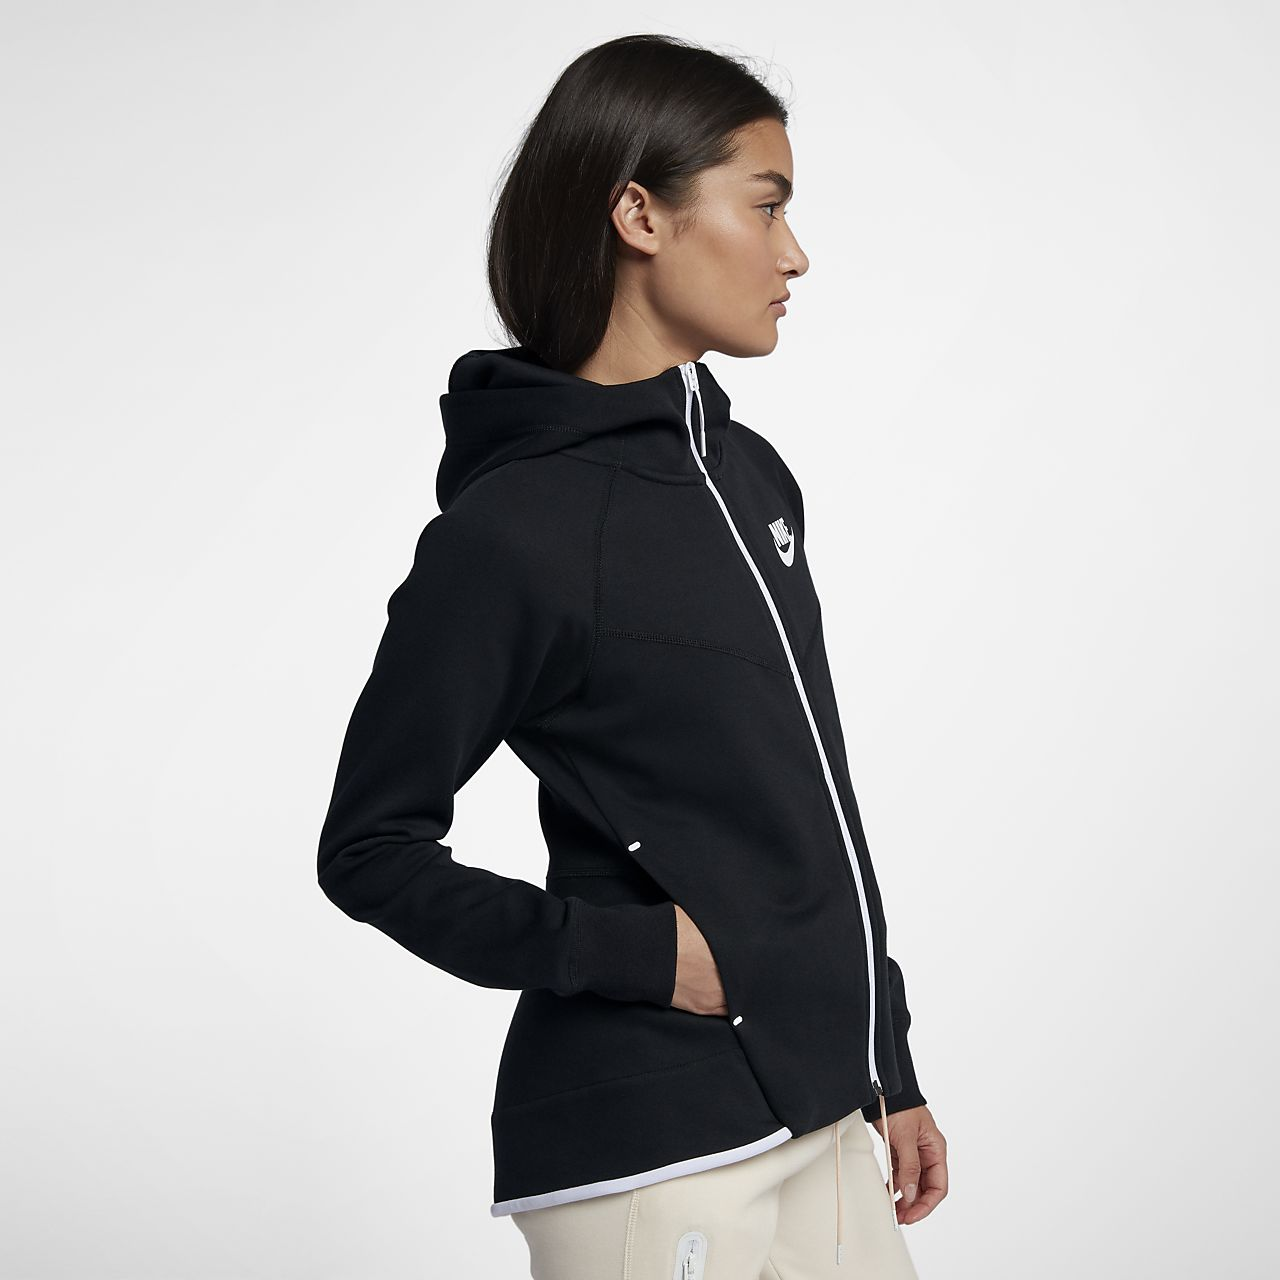 062ea407066e Nike Sportswear Tech Fleece Windrunner Women s Full-Zip Hoodie. Nike.com